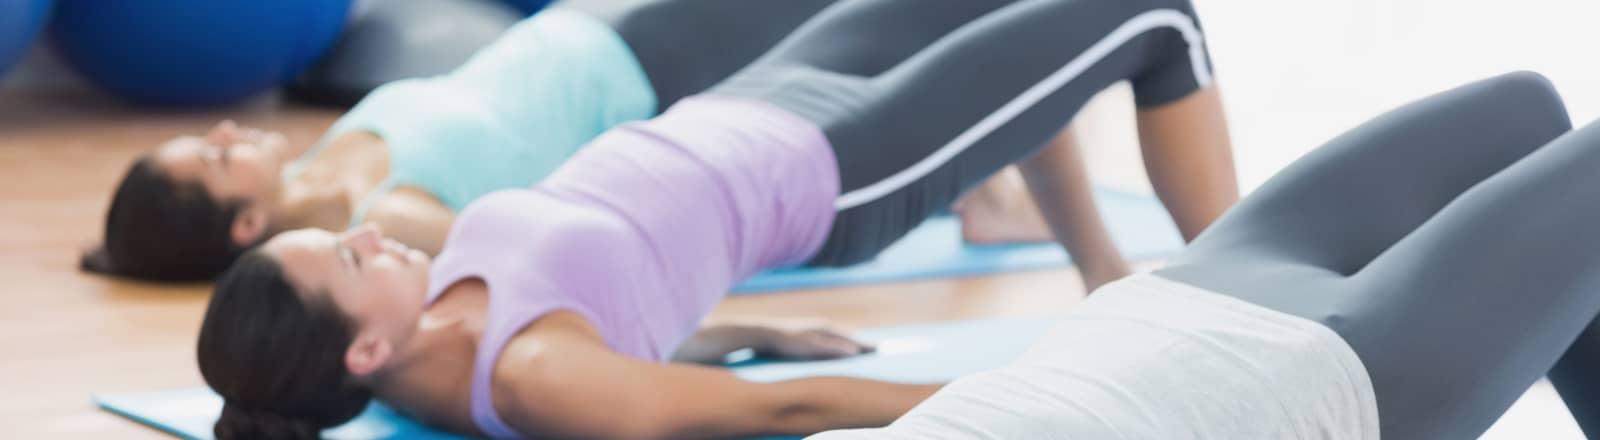 pilates terapeutico bilbao